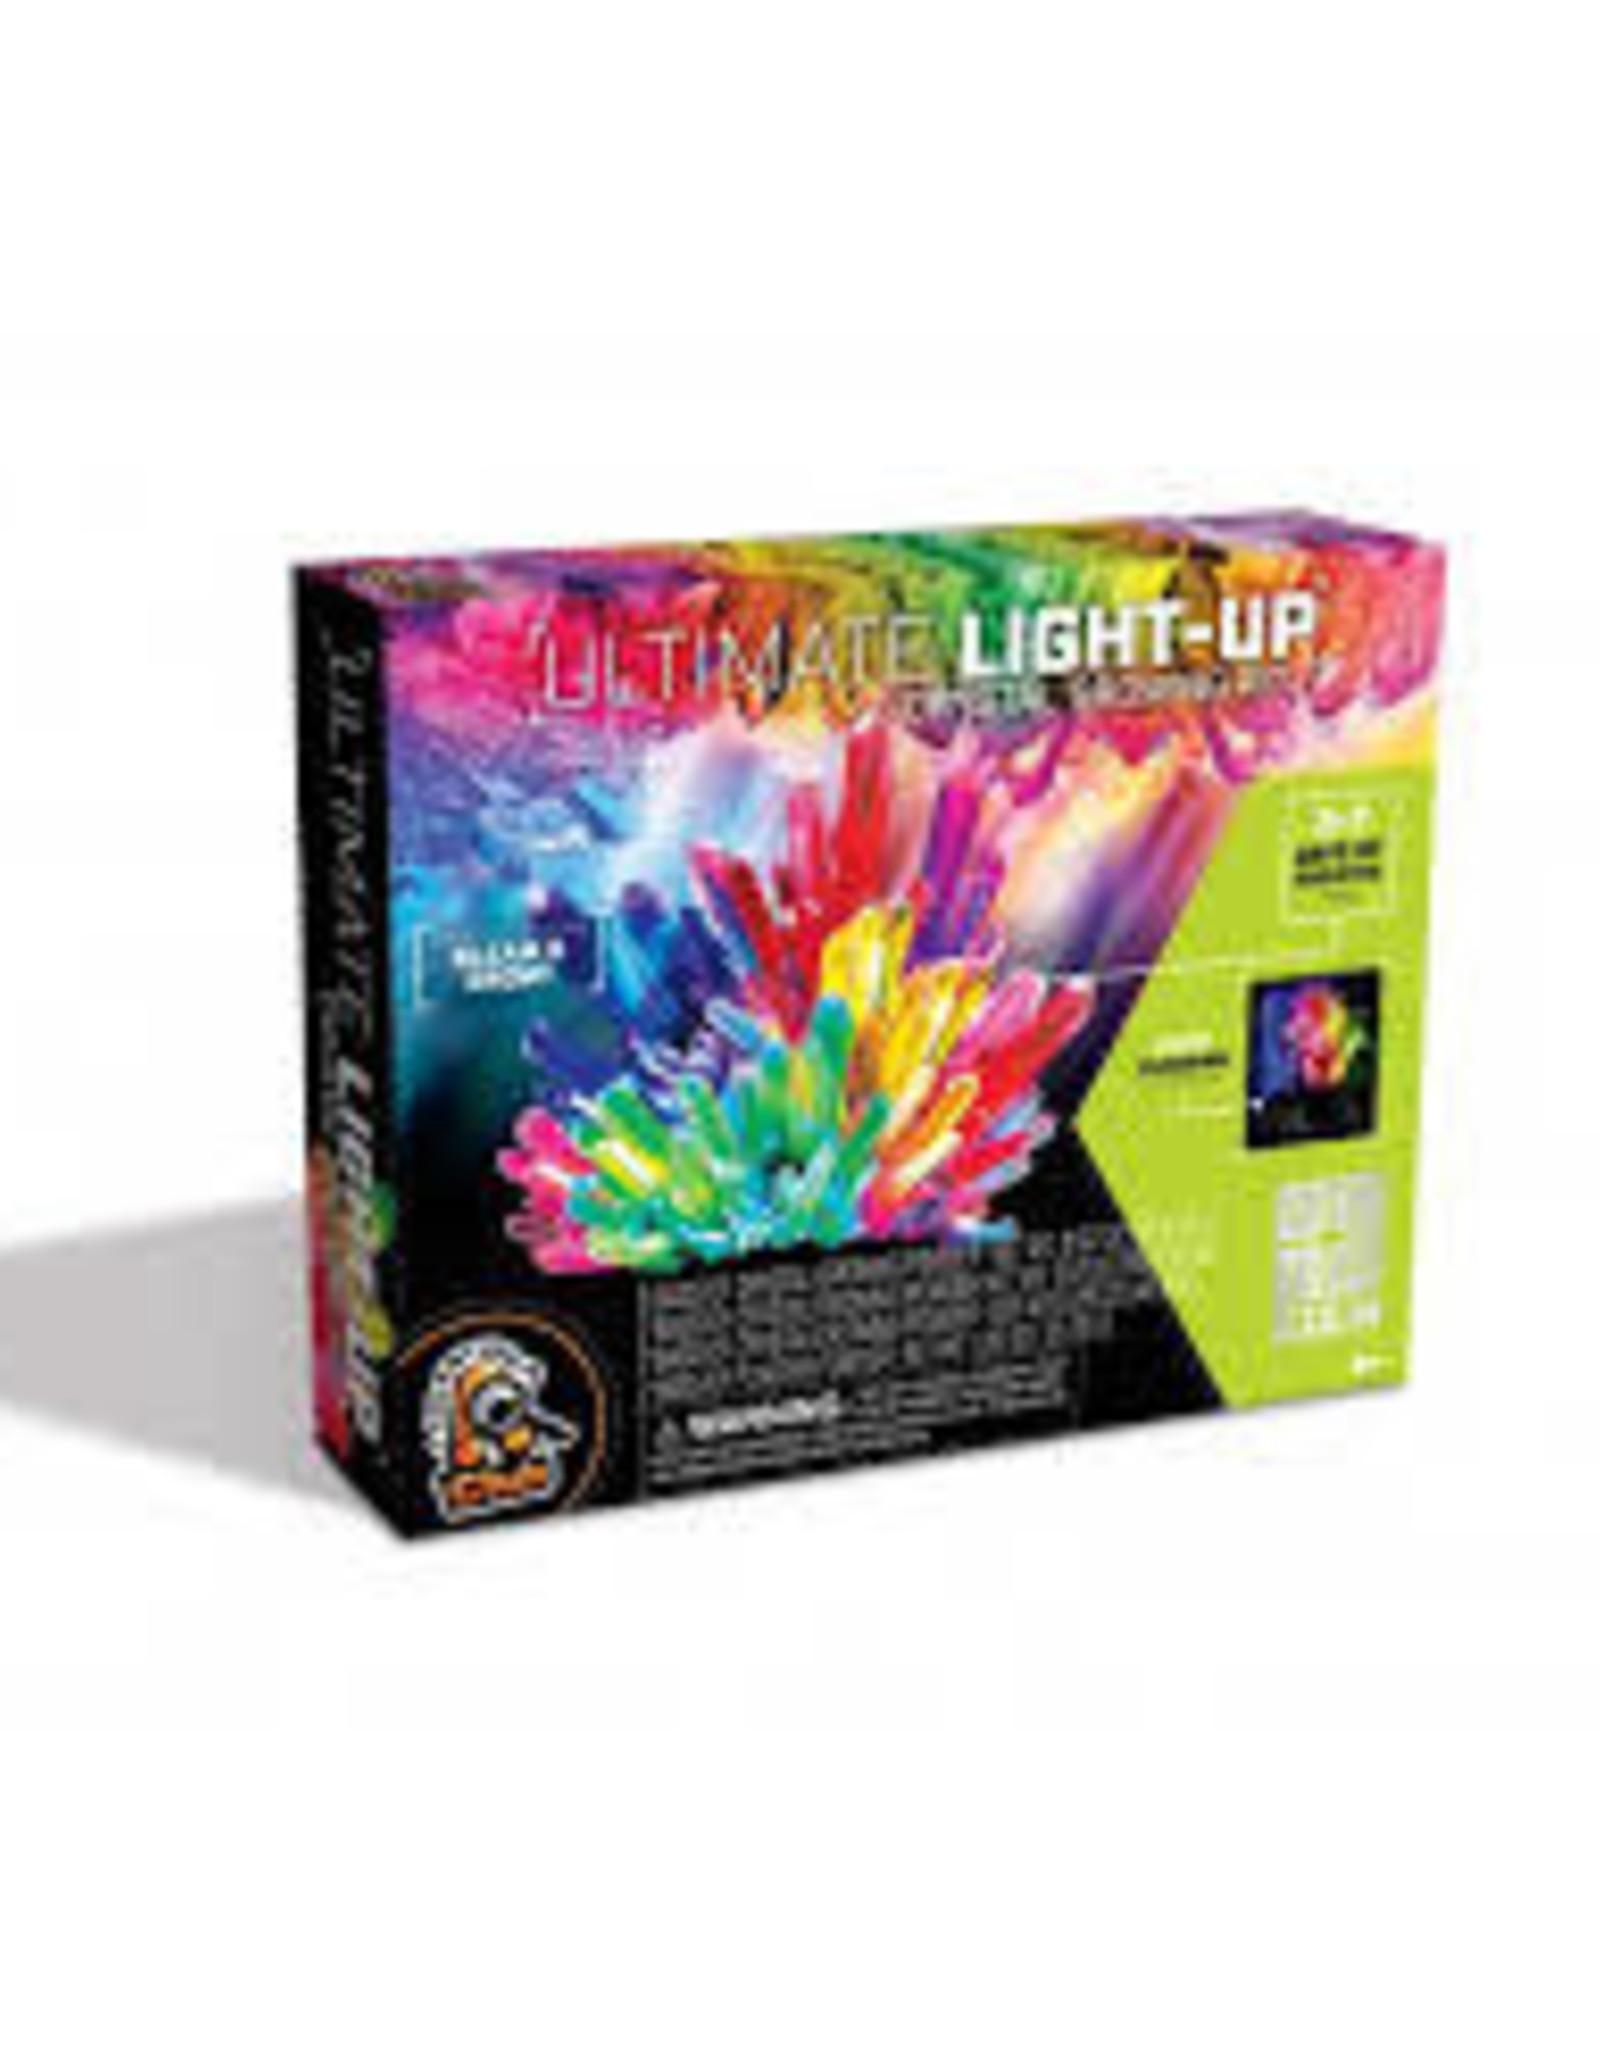 Ult. Lt.-Up Crystal Growing Kit-